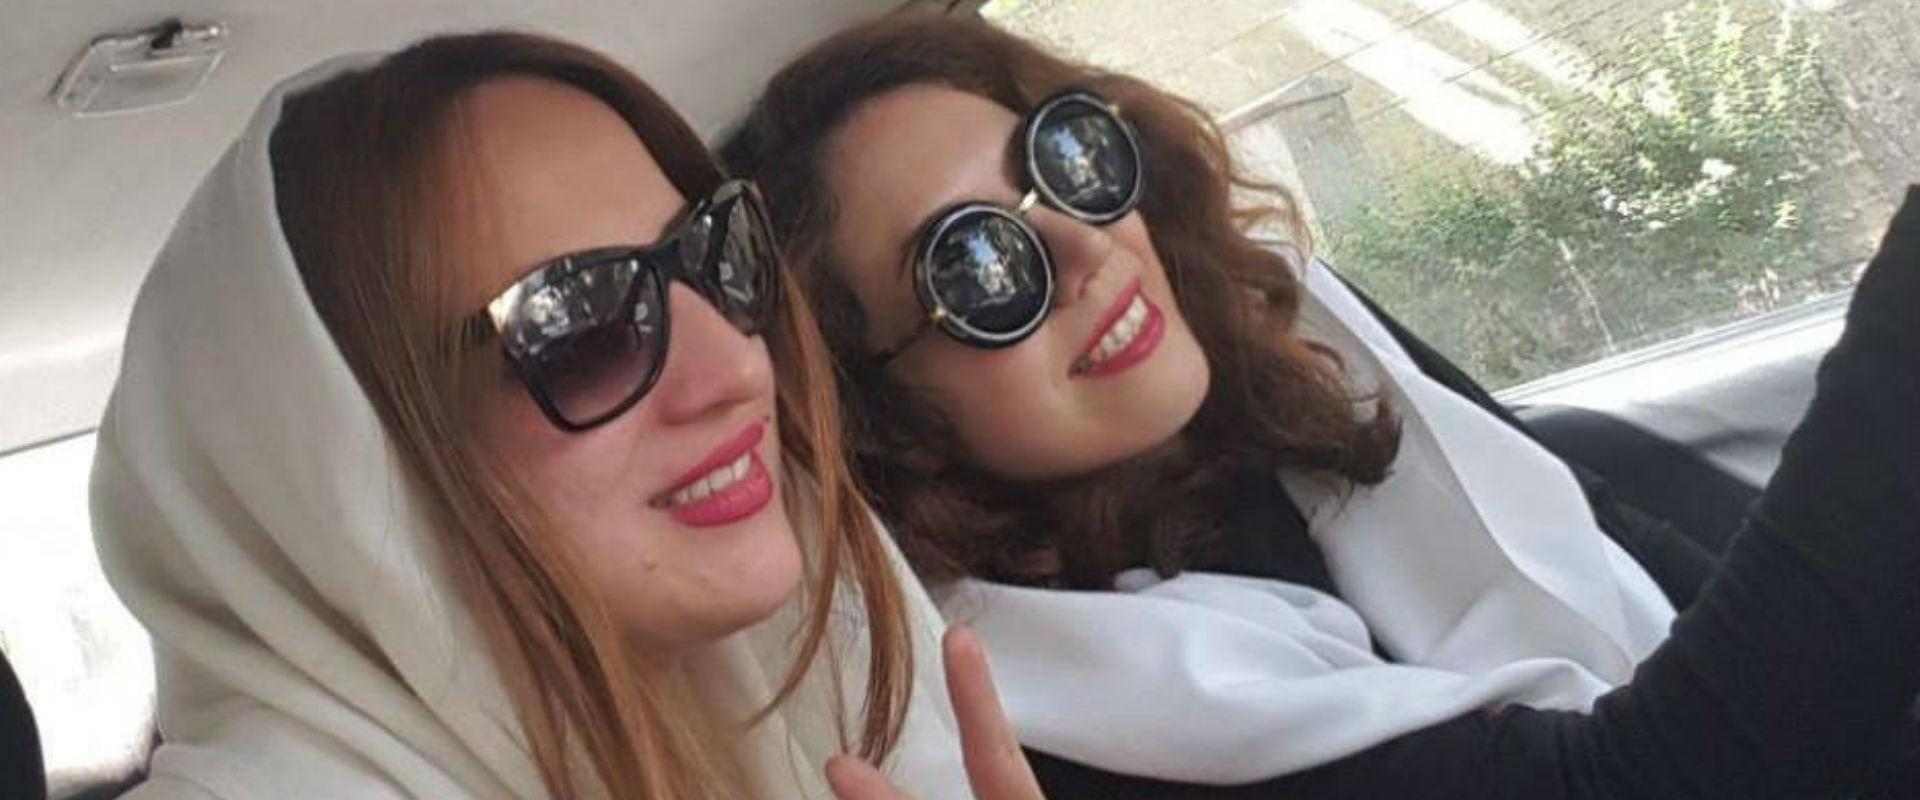 נשים באיראן עם חיג'אב לבן